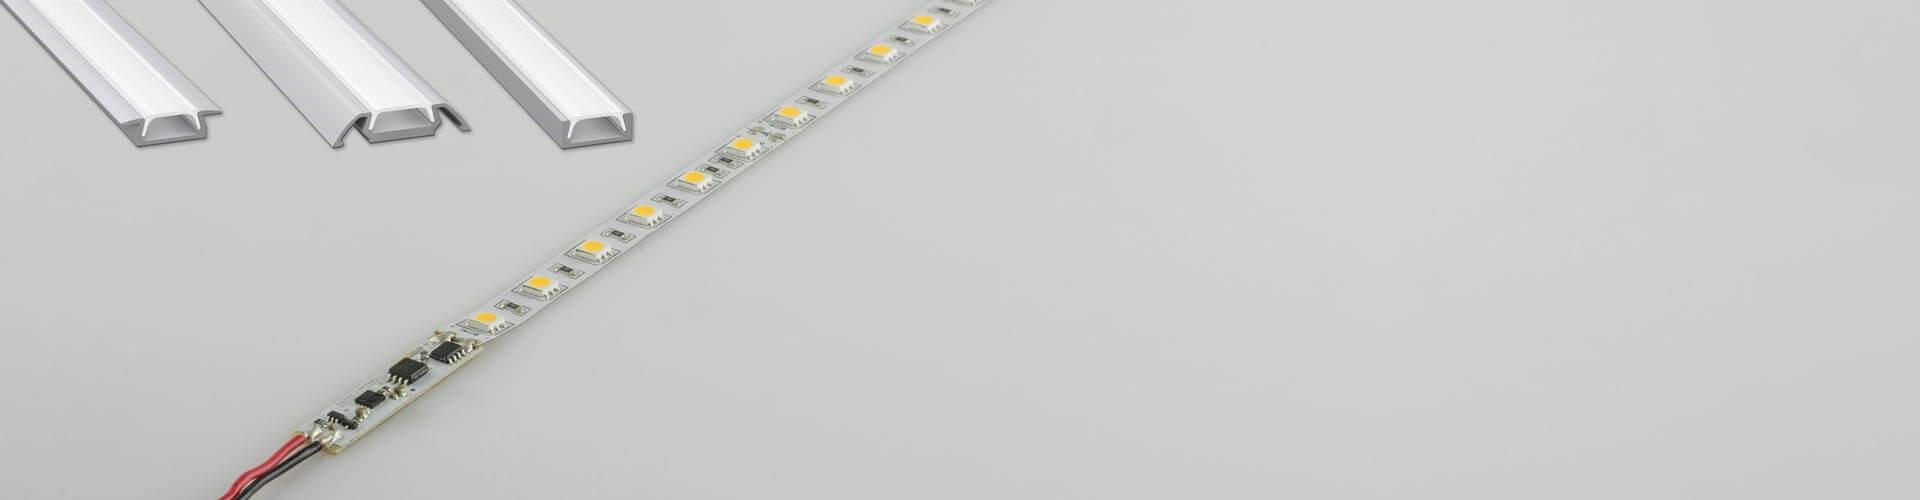 LED Streifen mit angeschlossenem Profil-Schalter